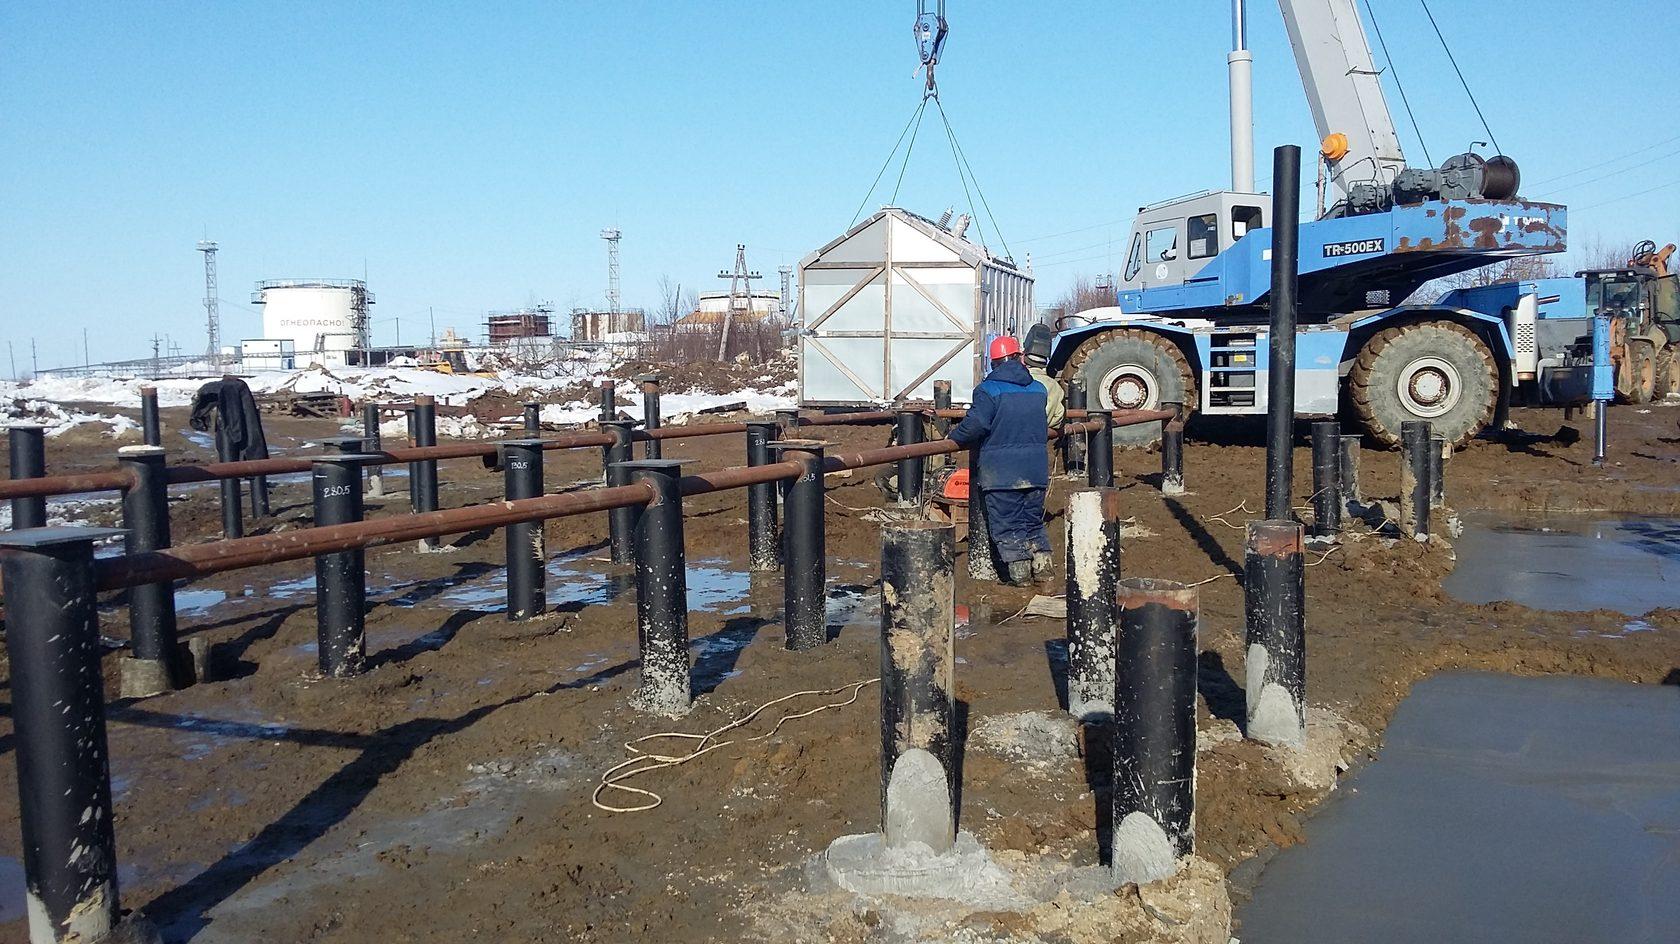 Подготовка участка к строительству: очистка от мусора и деревьев, устройство заезда, временный забор, вертикальная планировка и разметка под фундамент